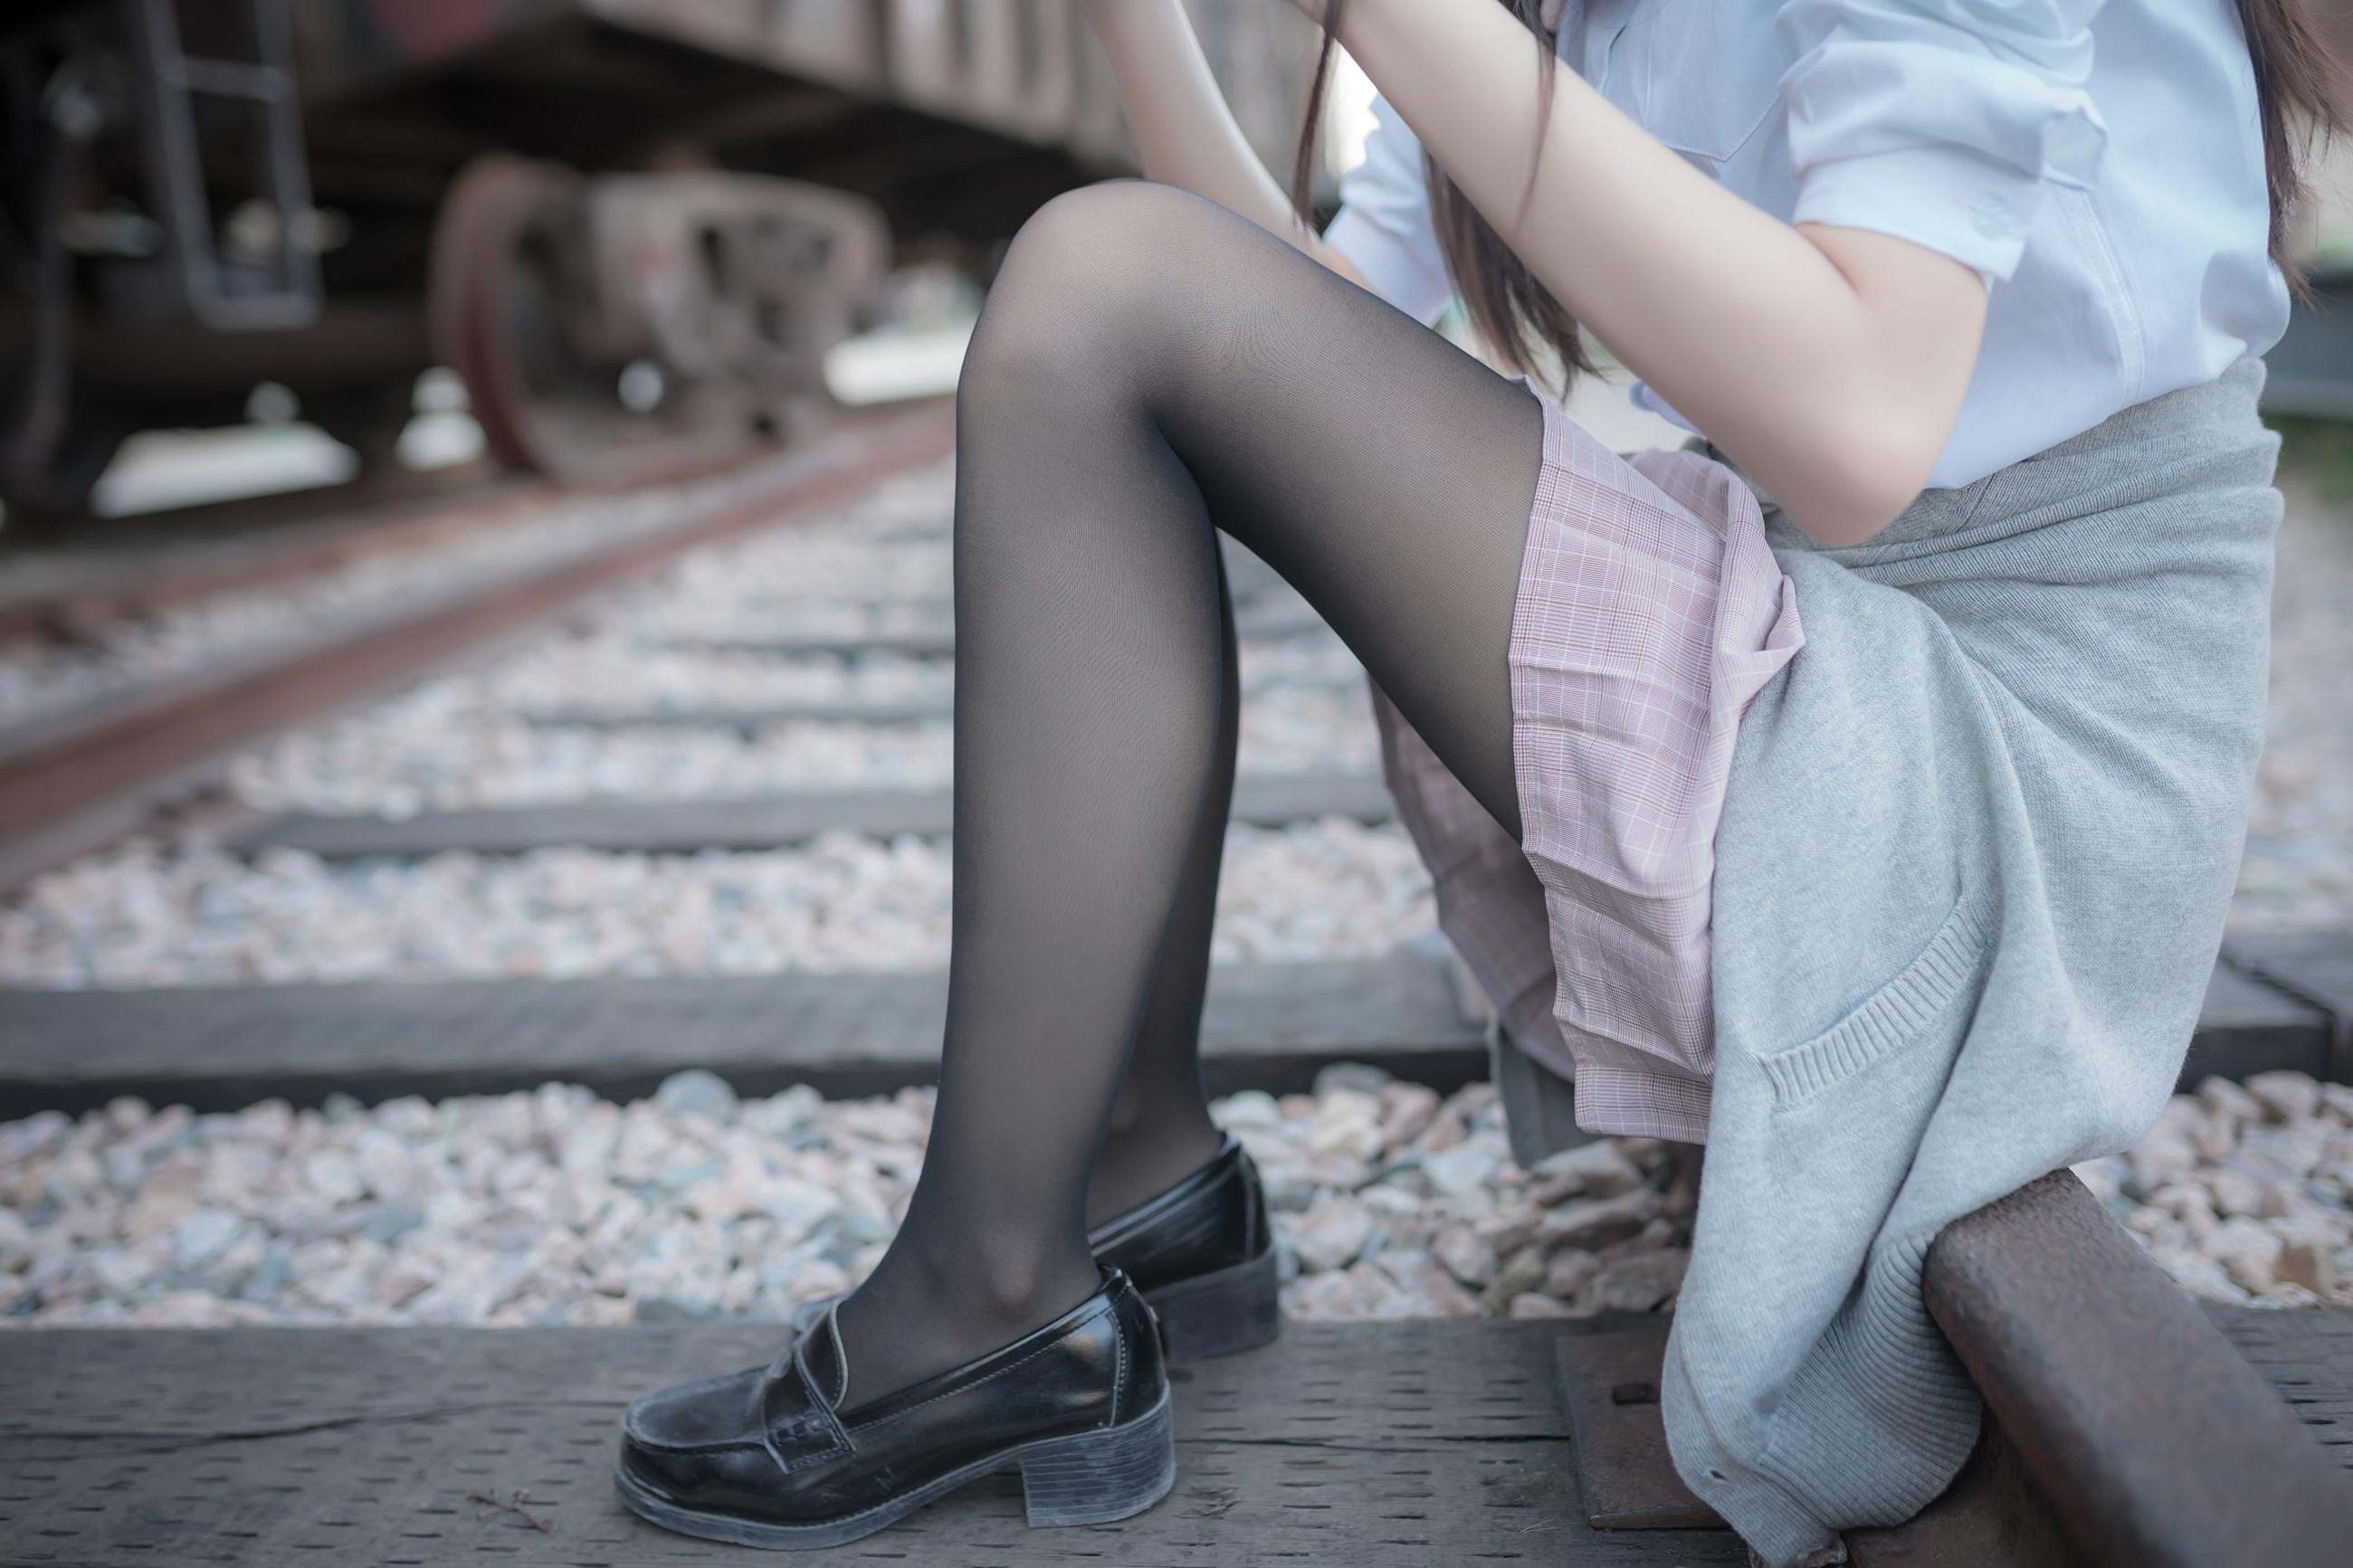 【兔玩映画】铁轨旁的小细腿 兔玩映画 第13张